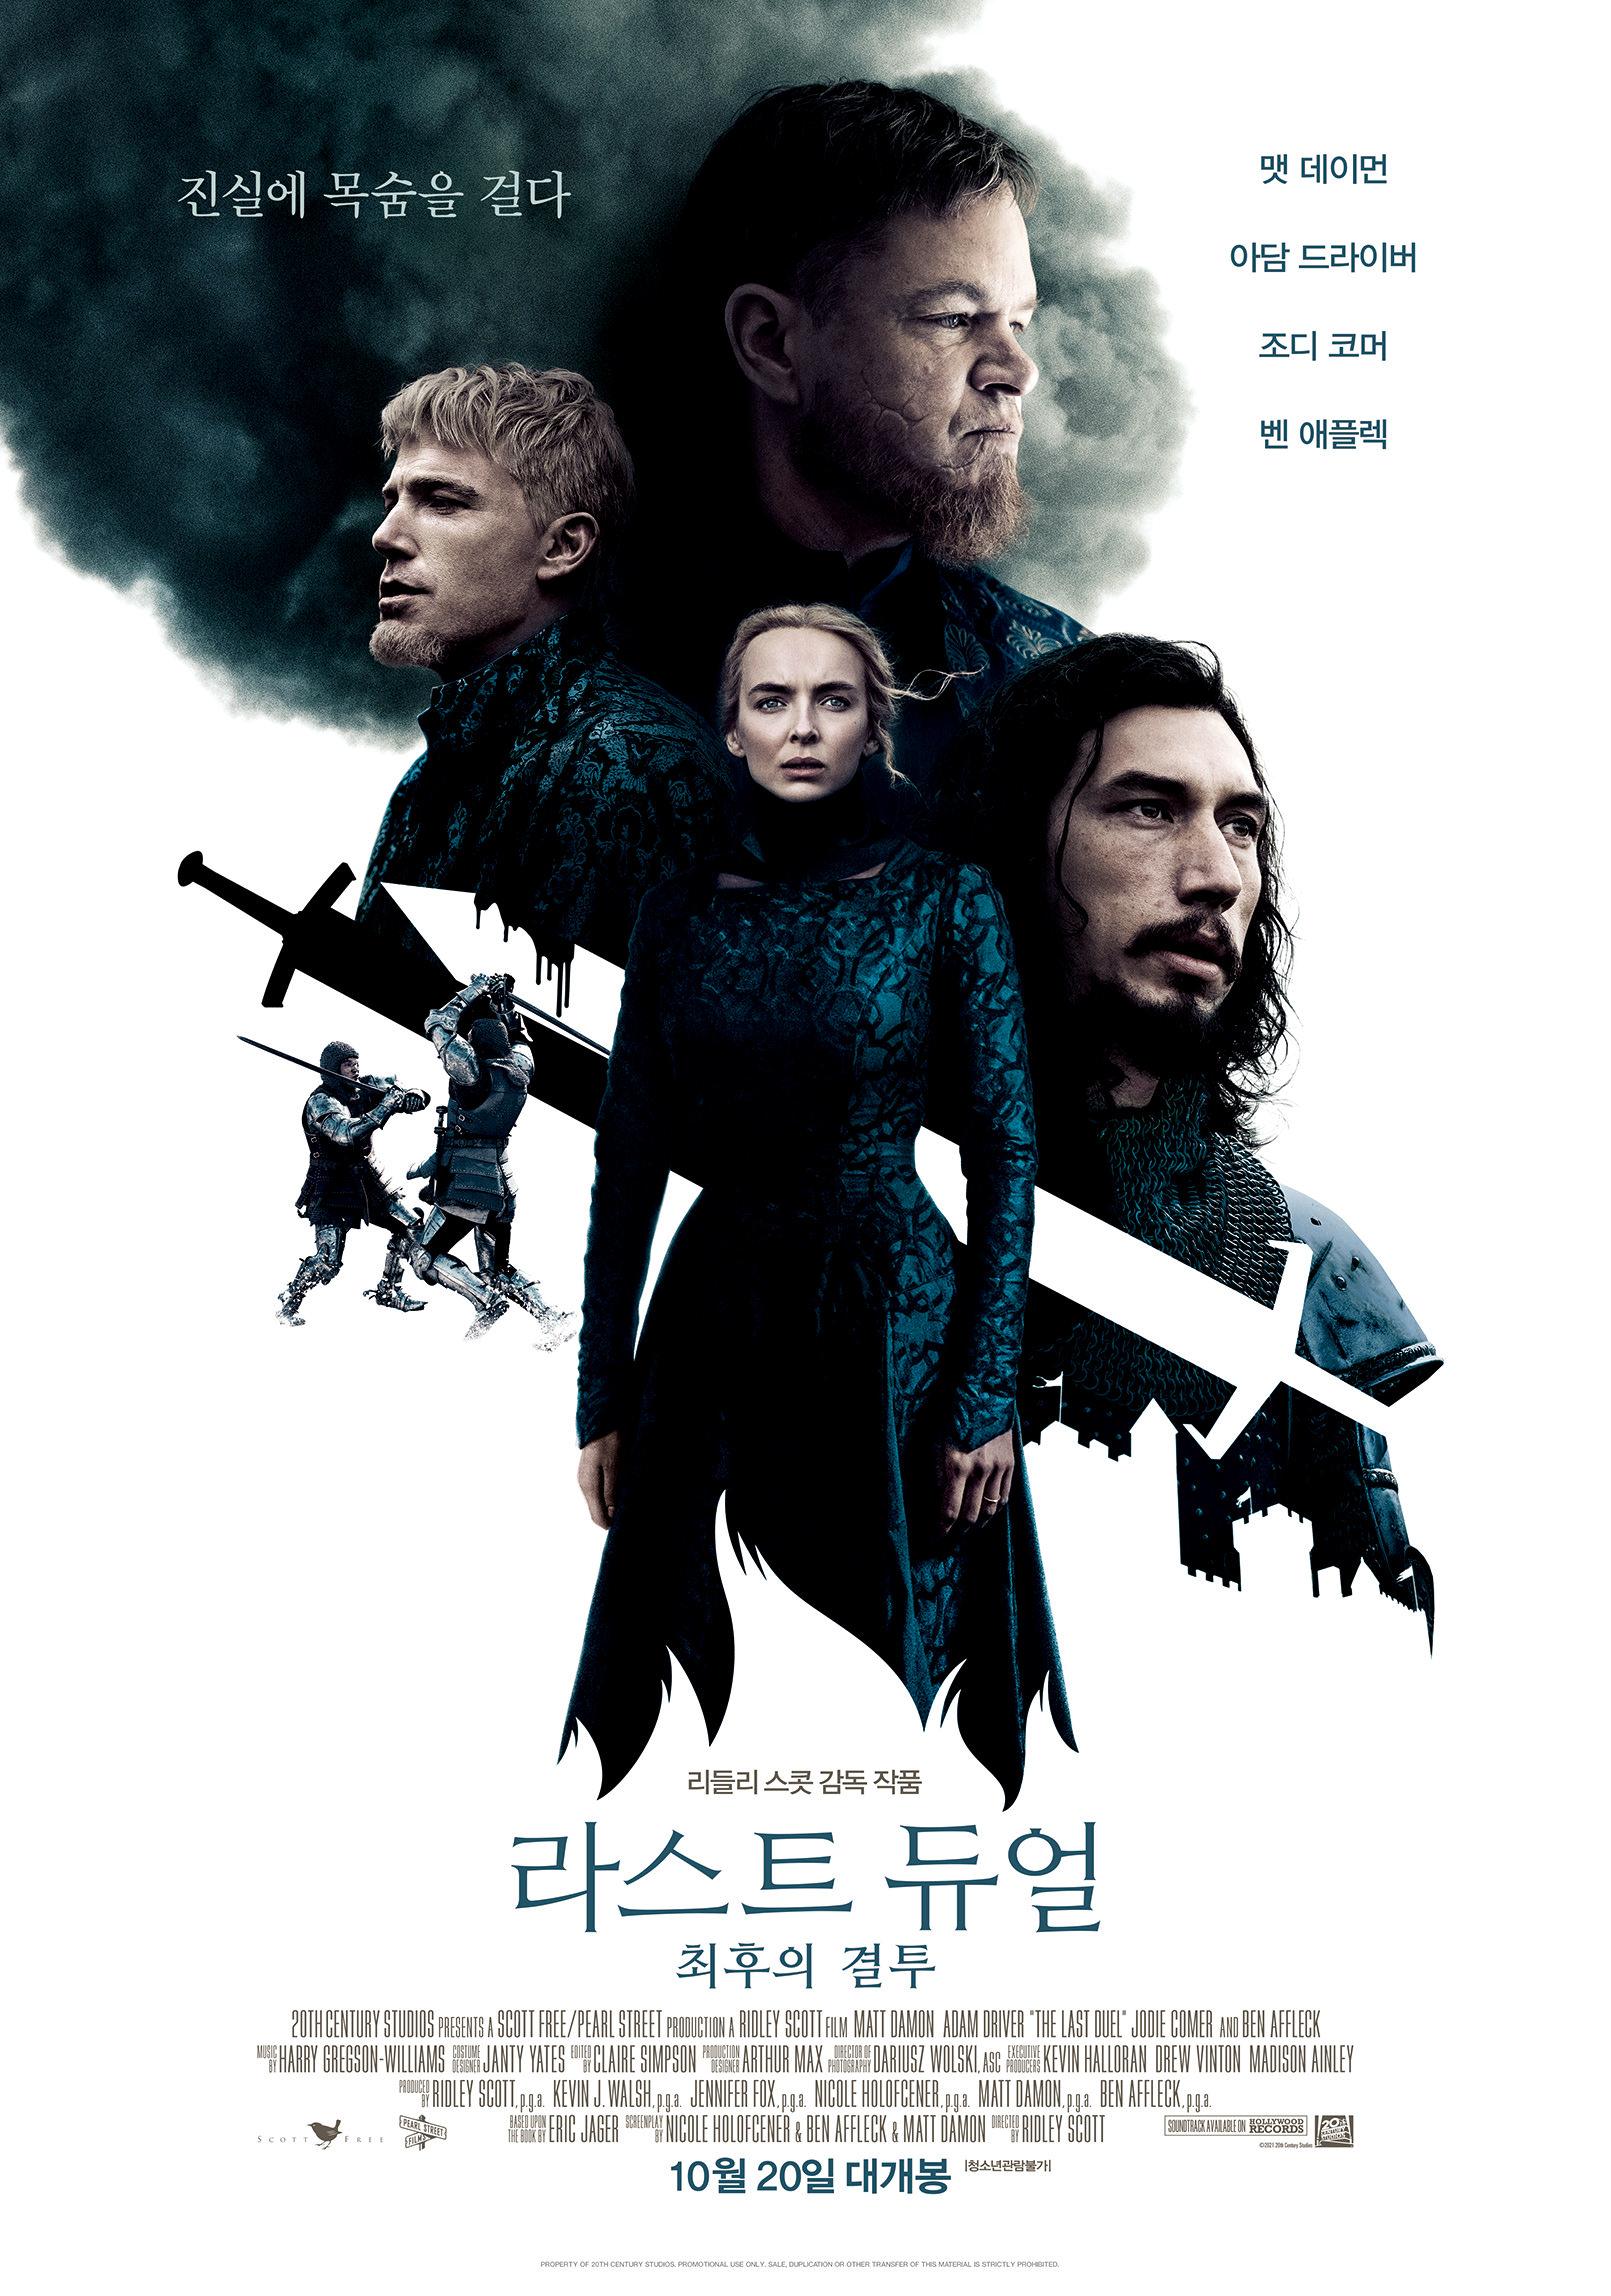 라스트 듀얼-최후의 결투